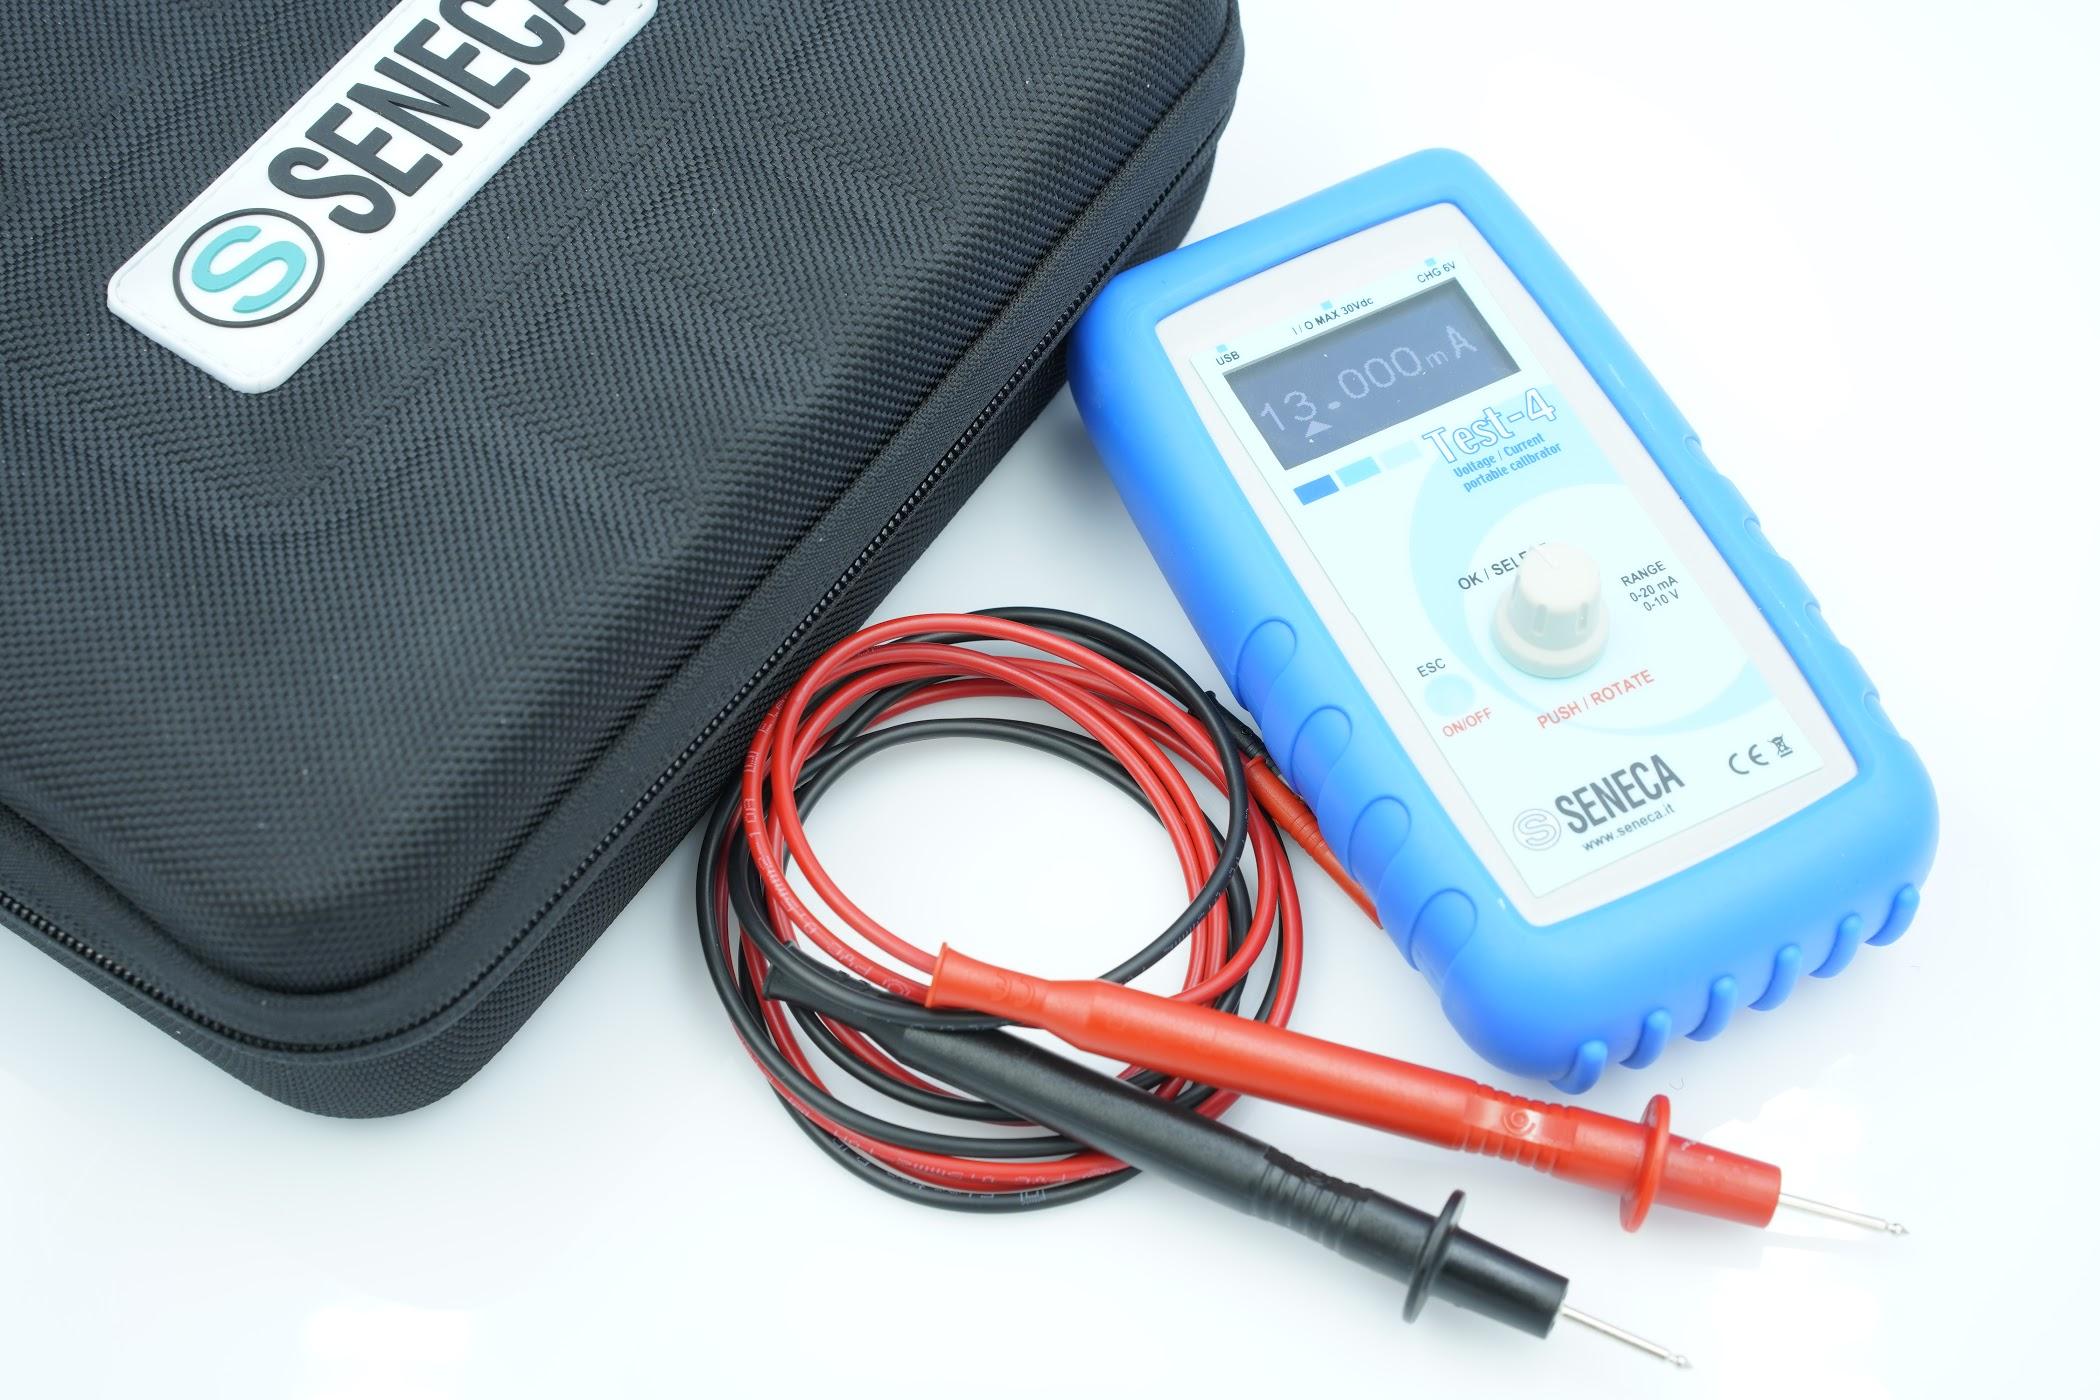 Bộ phát dòng 4-20mA 0-10V | TEST-4 Seneca